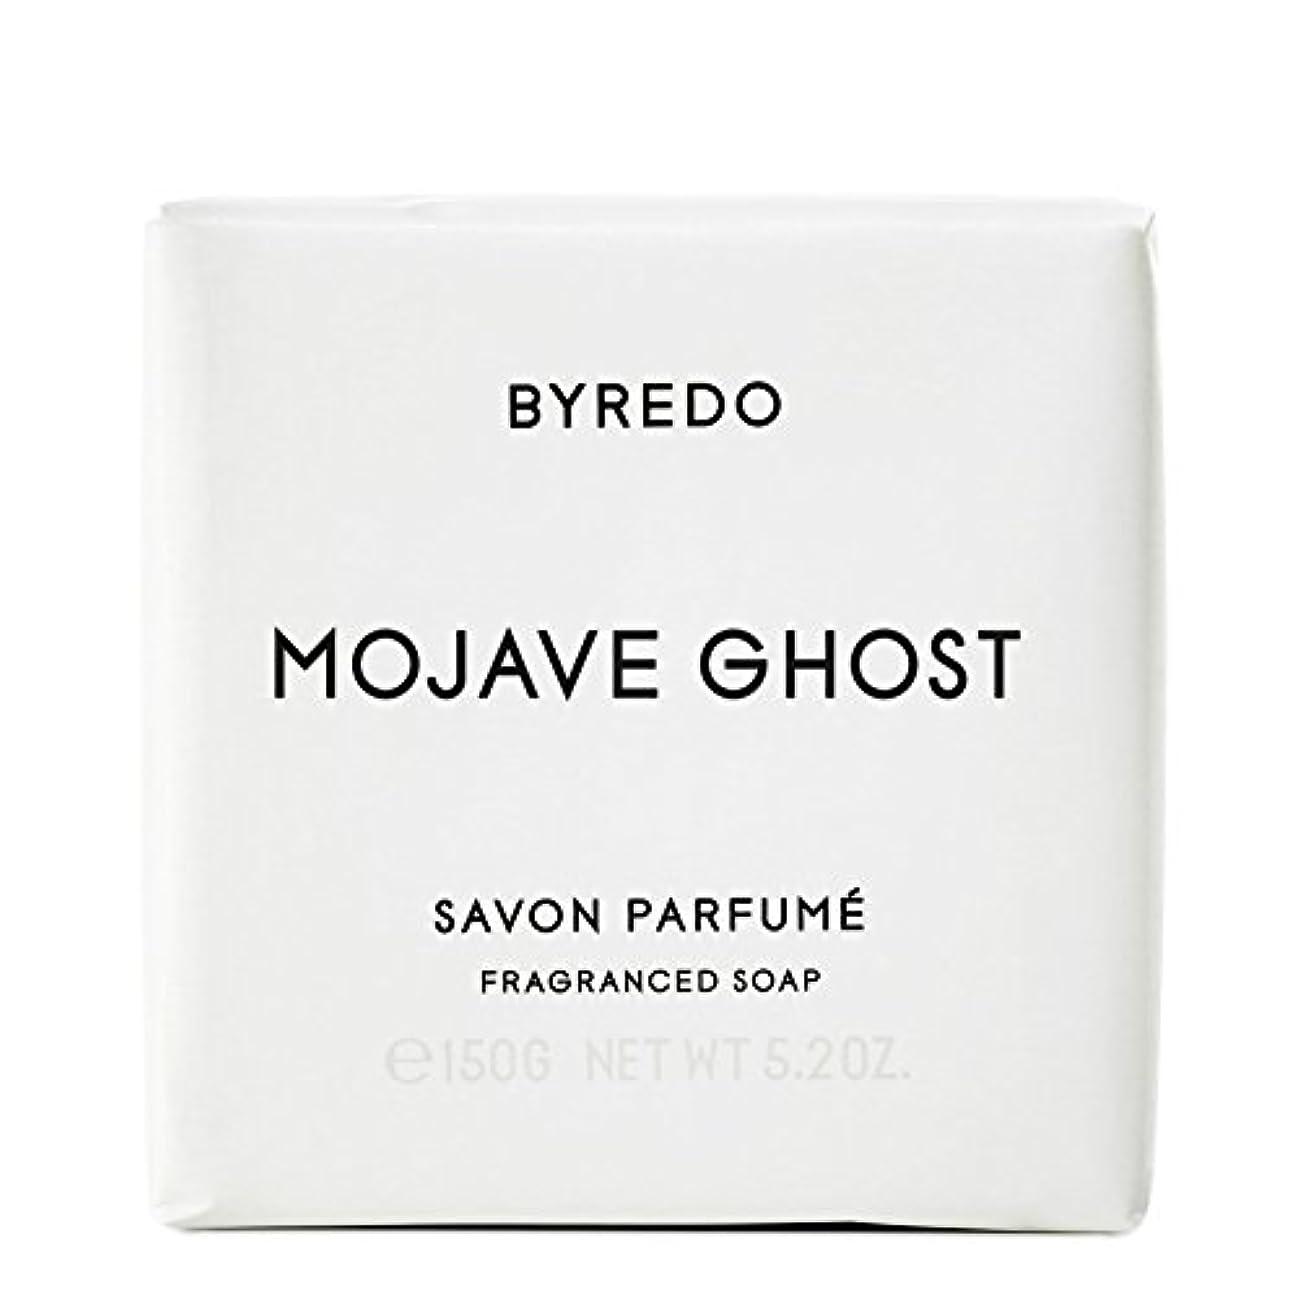 徹底的に見通し麻痺させるモハーベゴースト石鹸150グラム x4 - Byredo Mojave Ghost Soap 150g (Pack of 4) [並行輸入品]